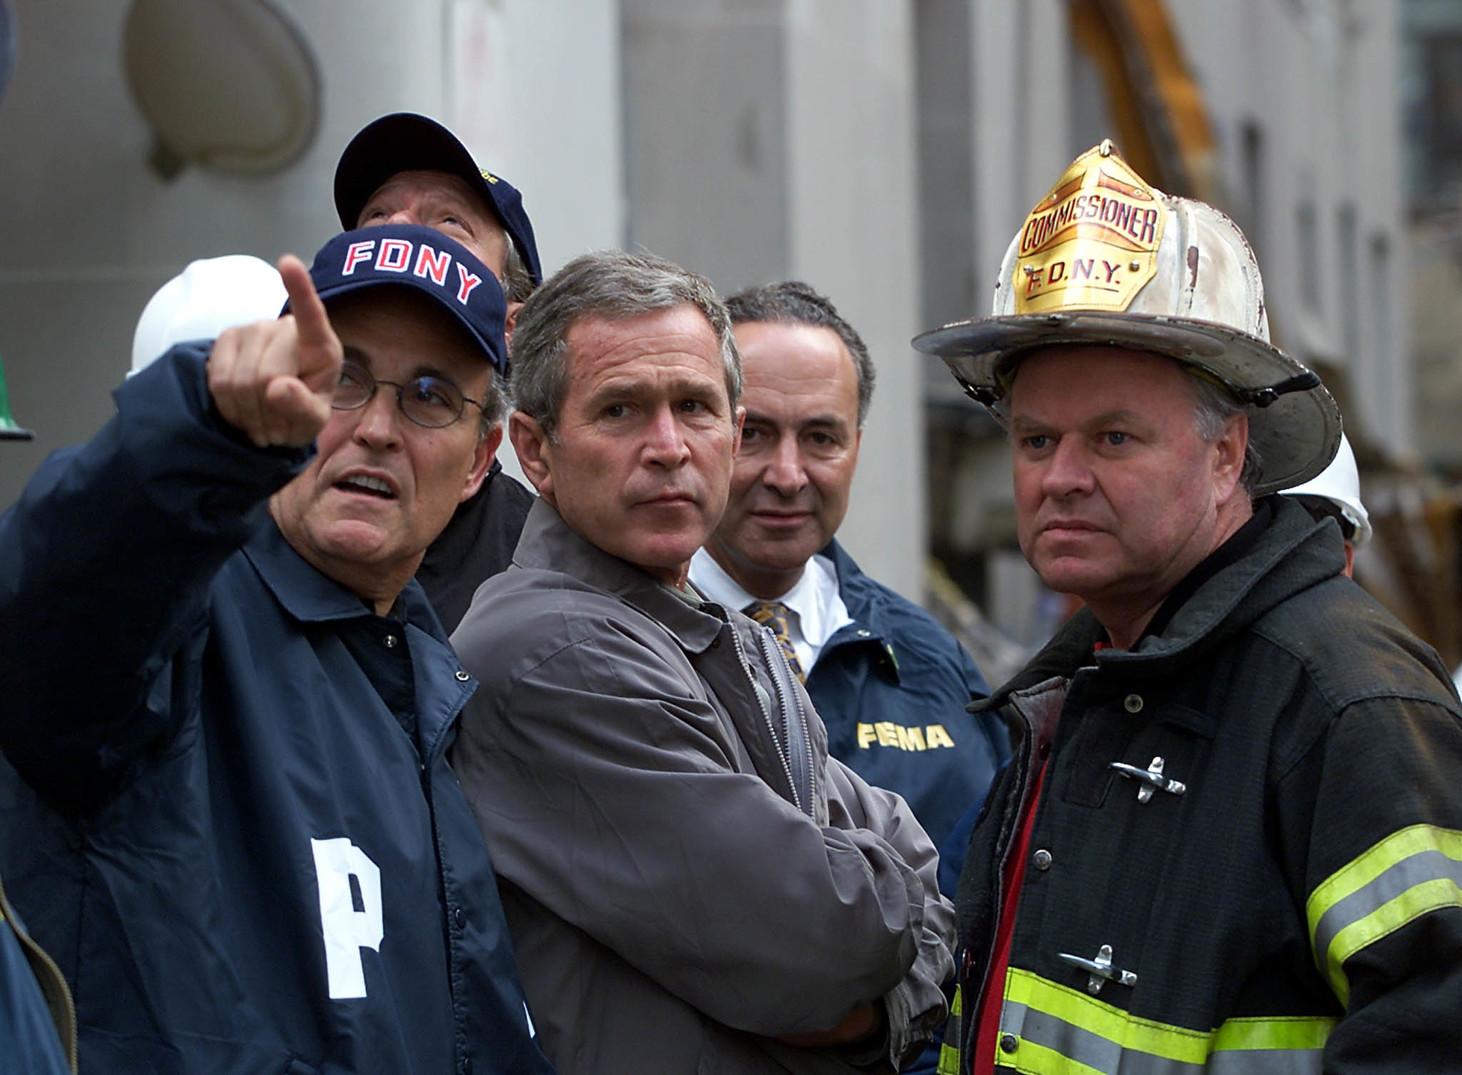 George W. BUSH amerikai elnök (k) Rudi GIULIANI New York-i polgármester (b) kíséretében megtekinti a New York-i Világkereskedelmi Központ eső áztatta romjait, a deformálódott acélszerkezetek között 2001. szeptember 14-én. Három nappal korábban két eltérített utasszállító repülőgép nekihajtott a központ 110 emeletes ikertornyainak, amelyek röviddel később összedőltek. (MTI/EPA/AFP/Paul Richards)